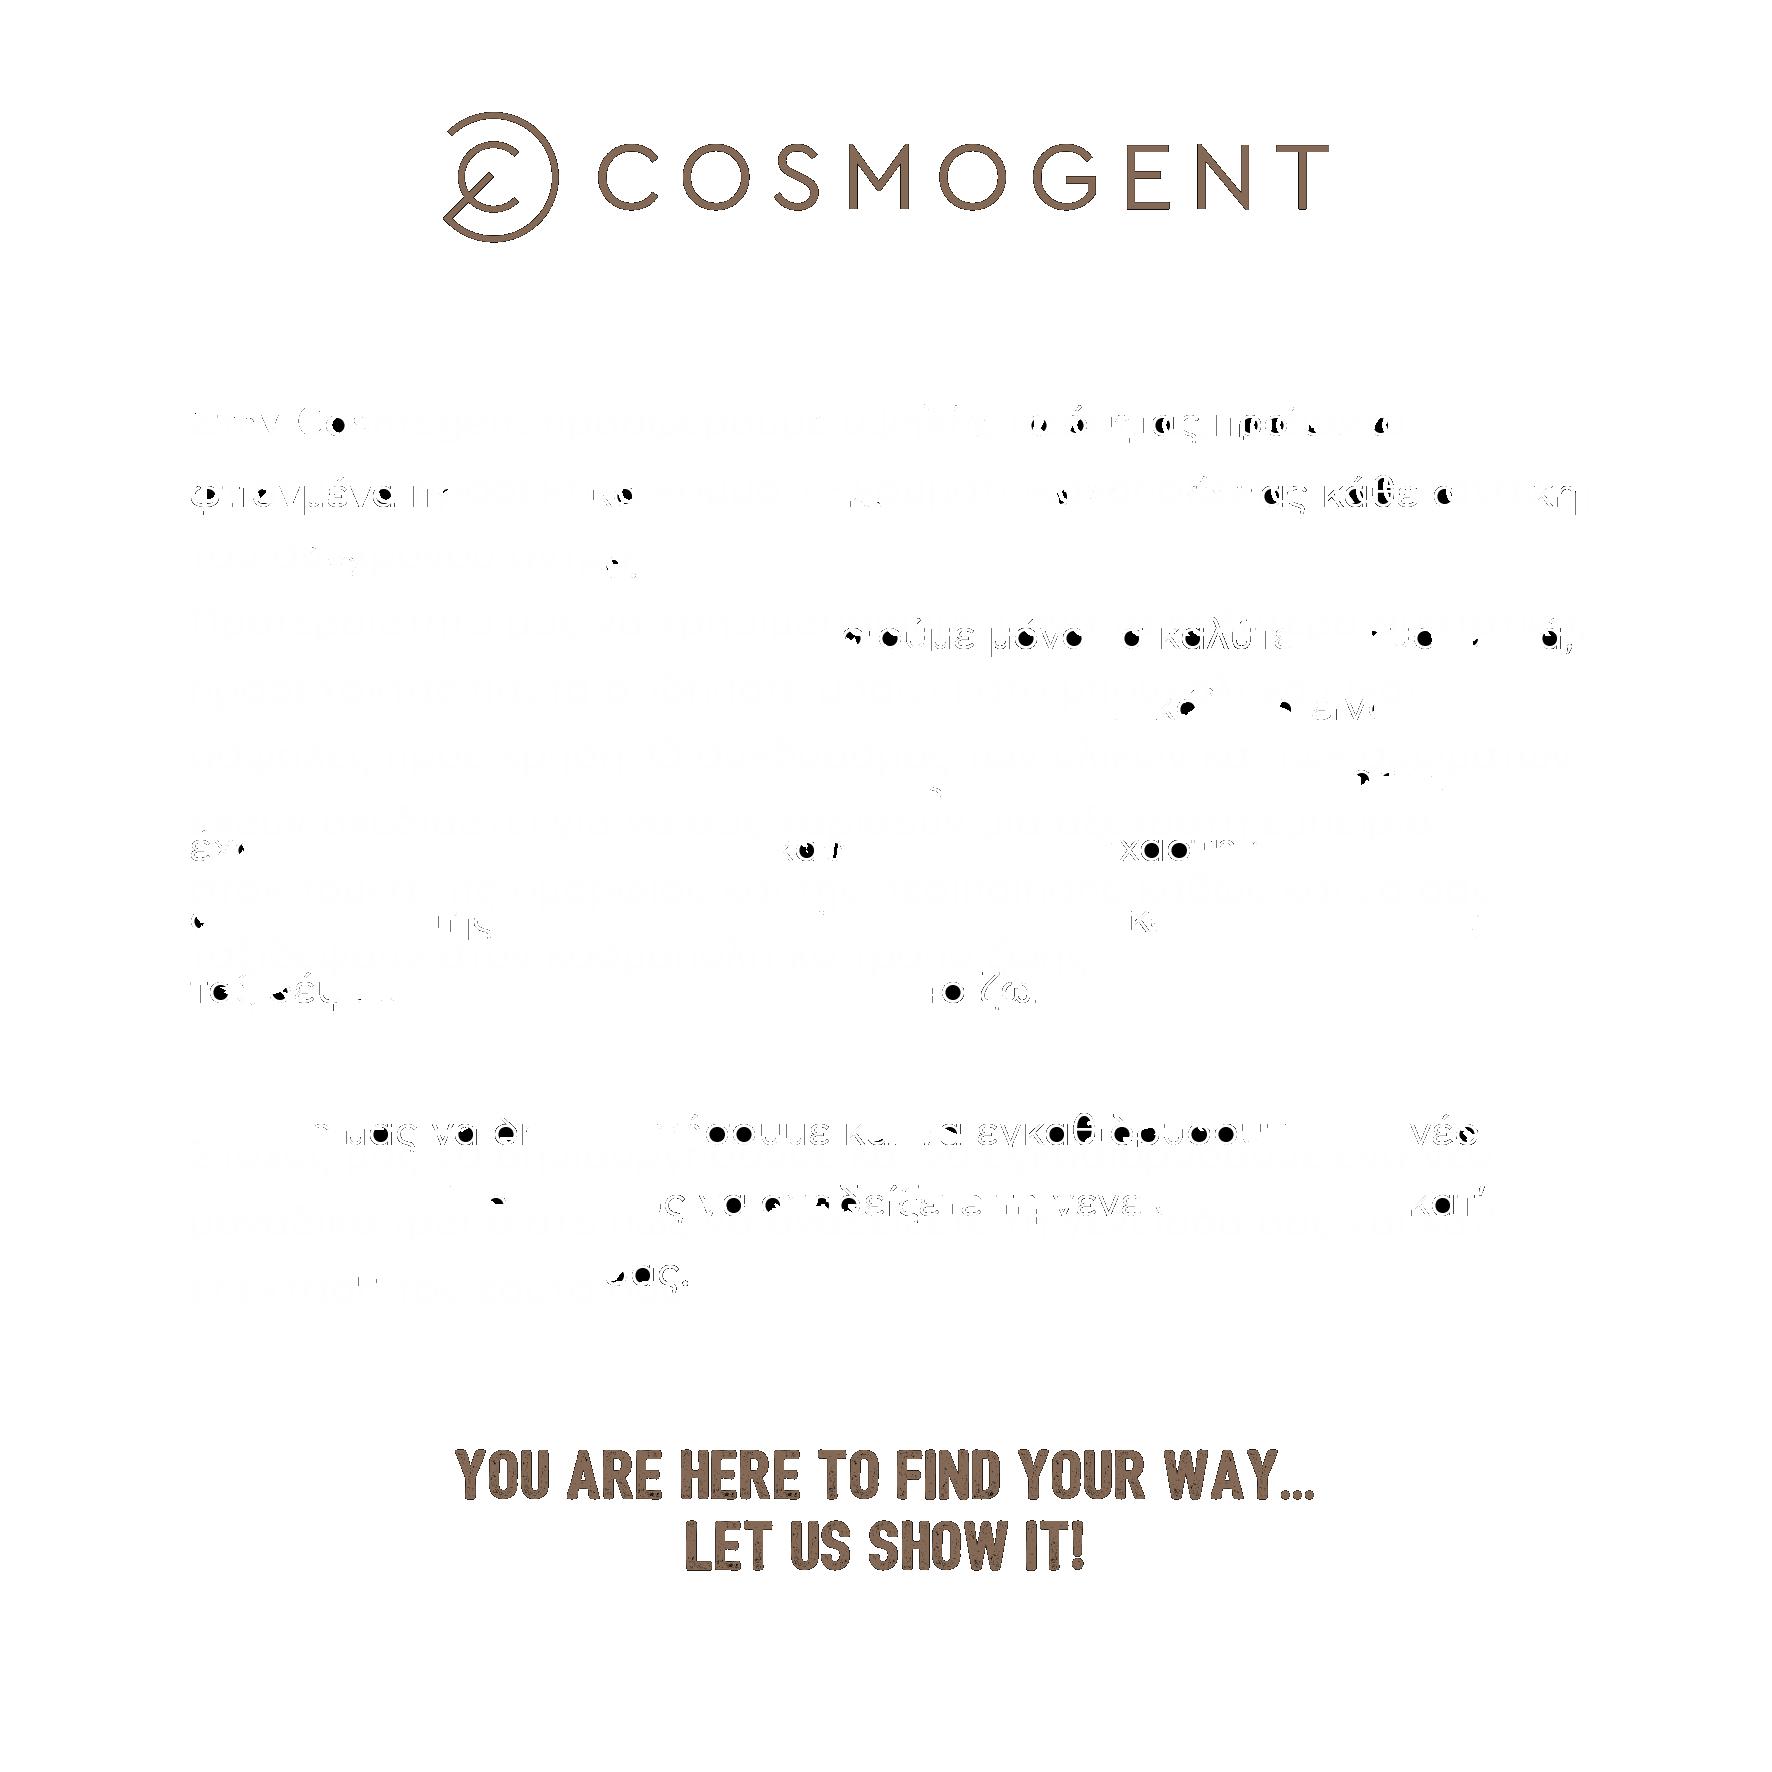 Cosmogent